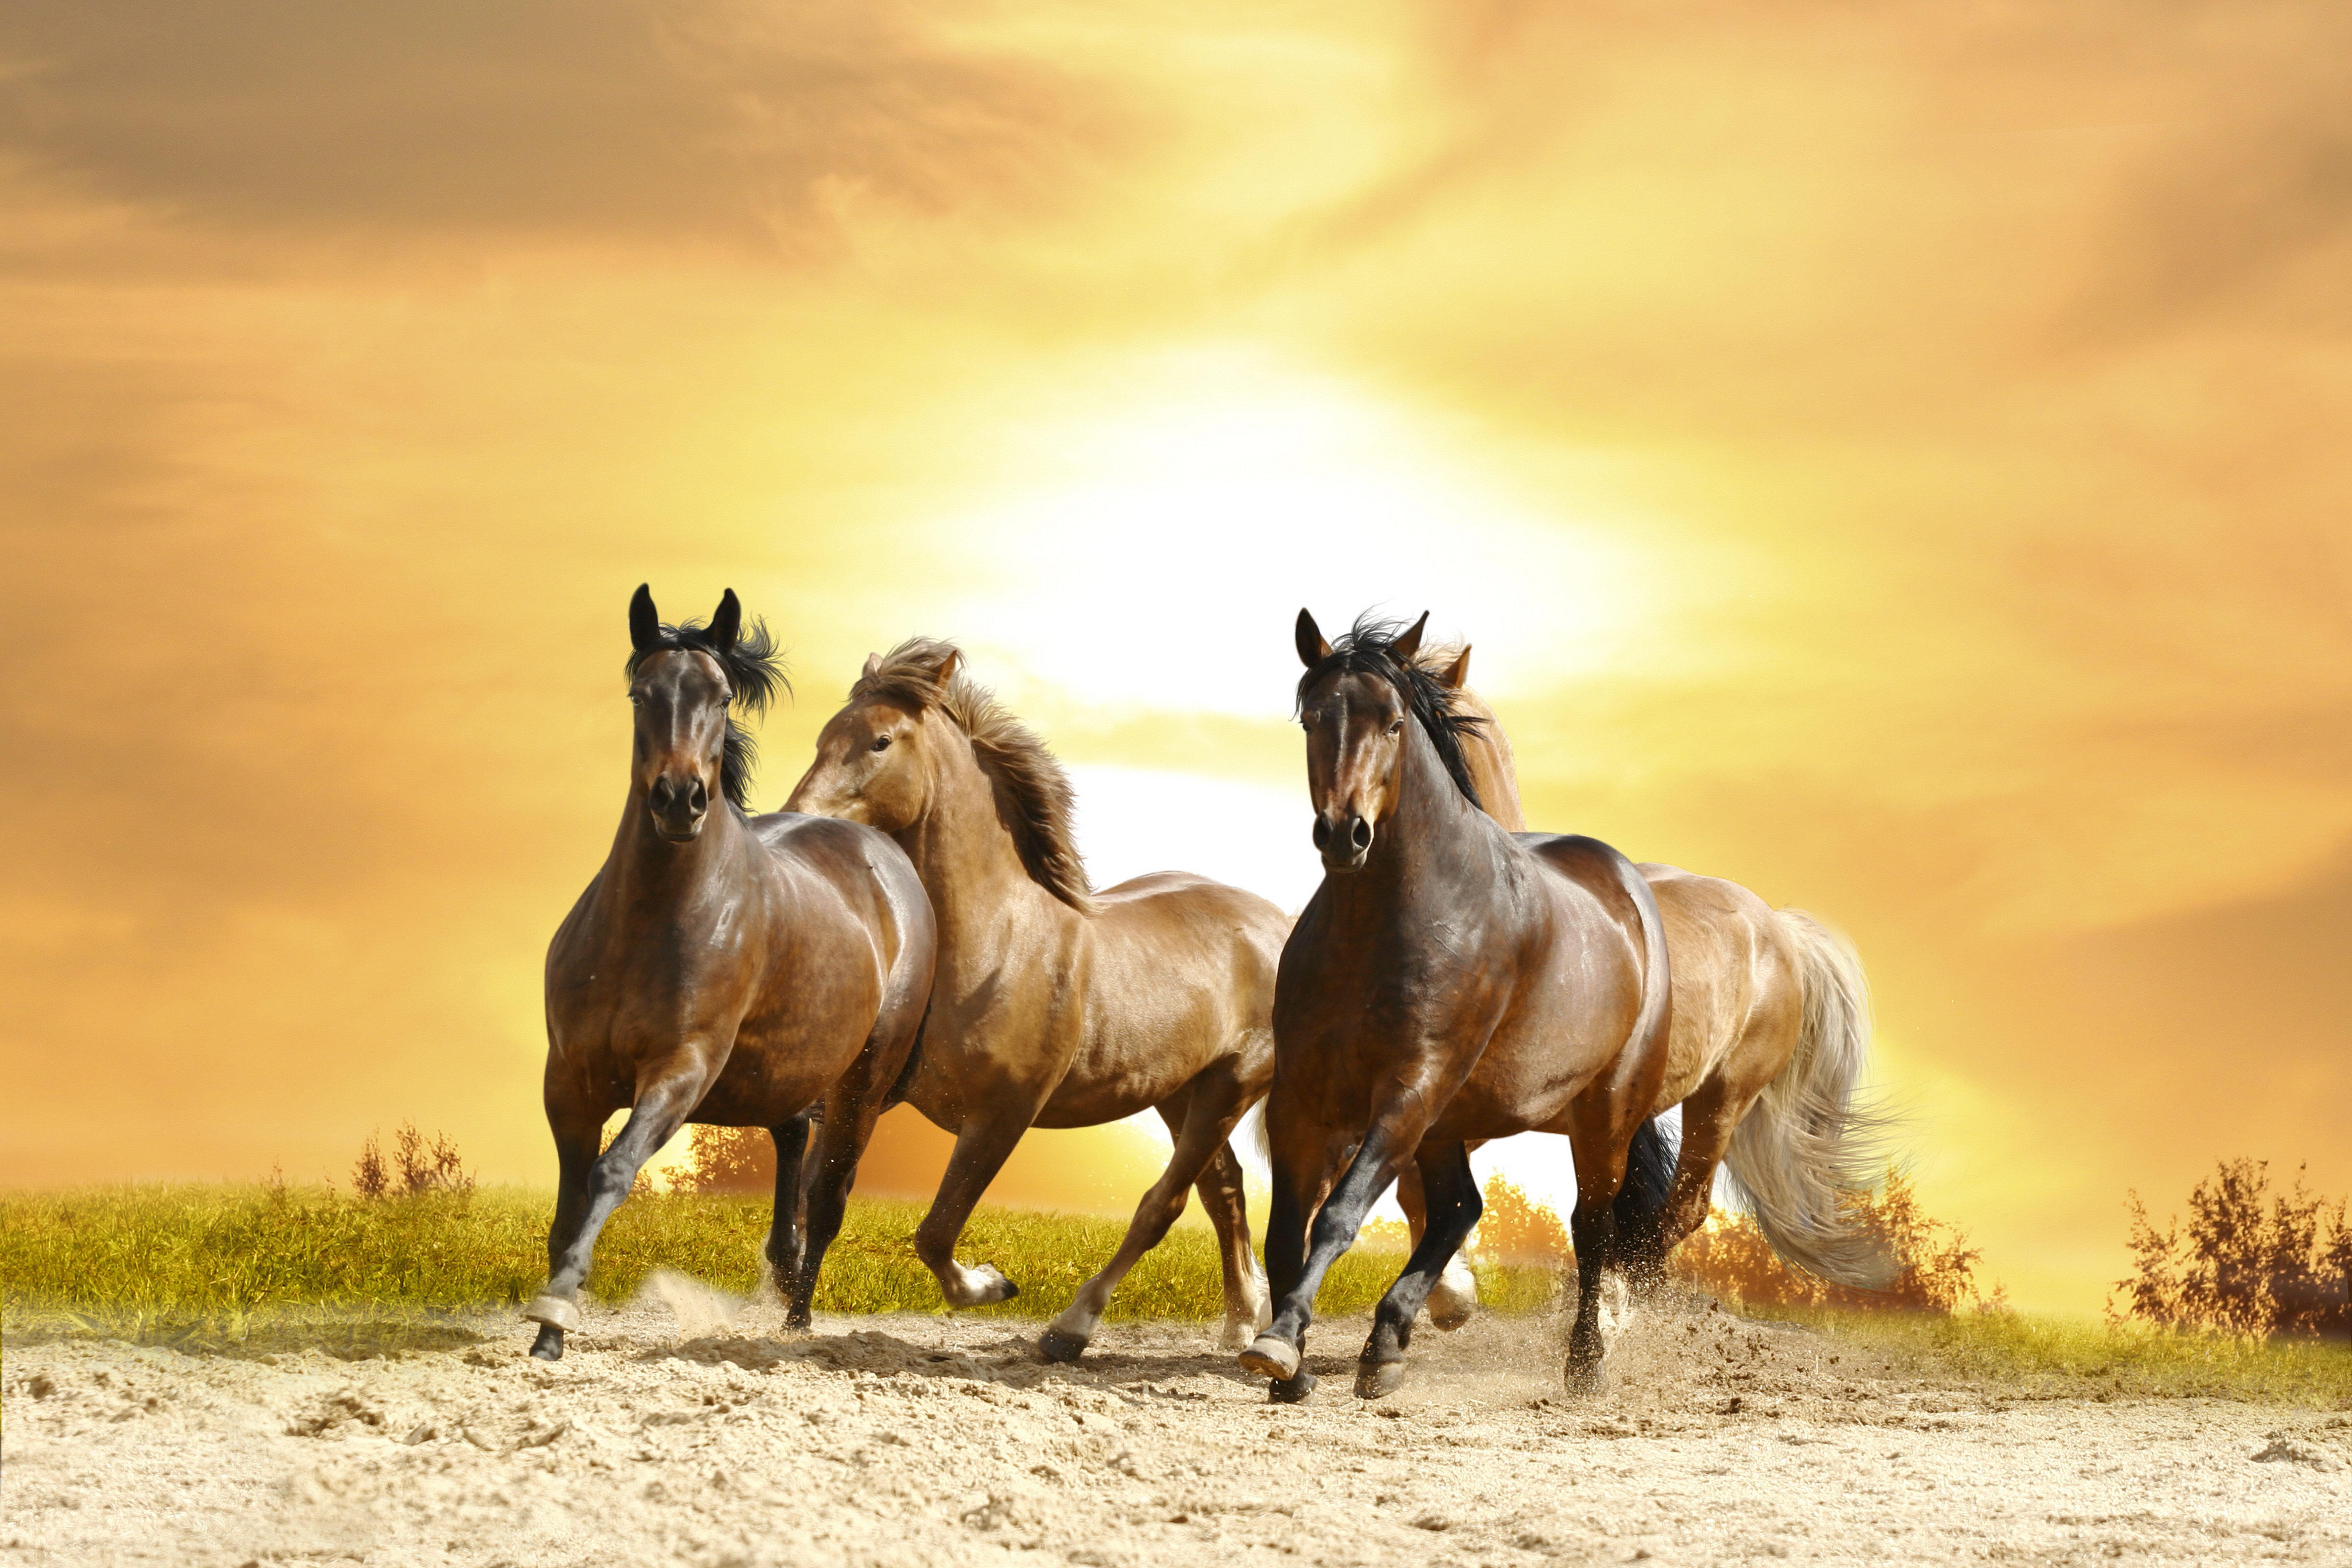 Wallpaper Hd Horse Download